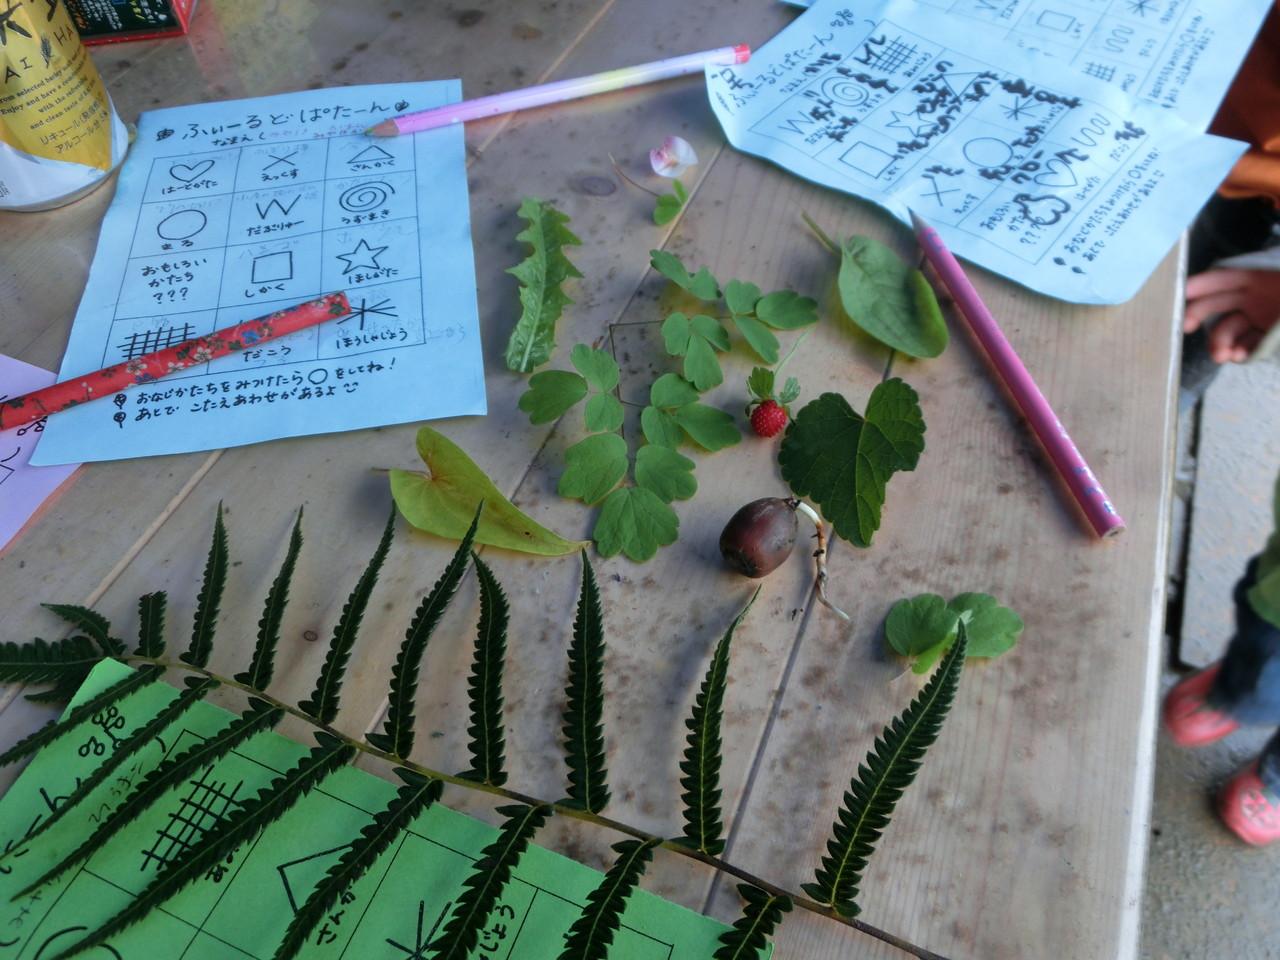 ハート型の葉っぱや変わった形の葉っぱ